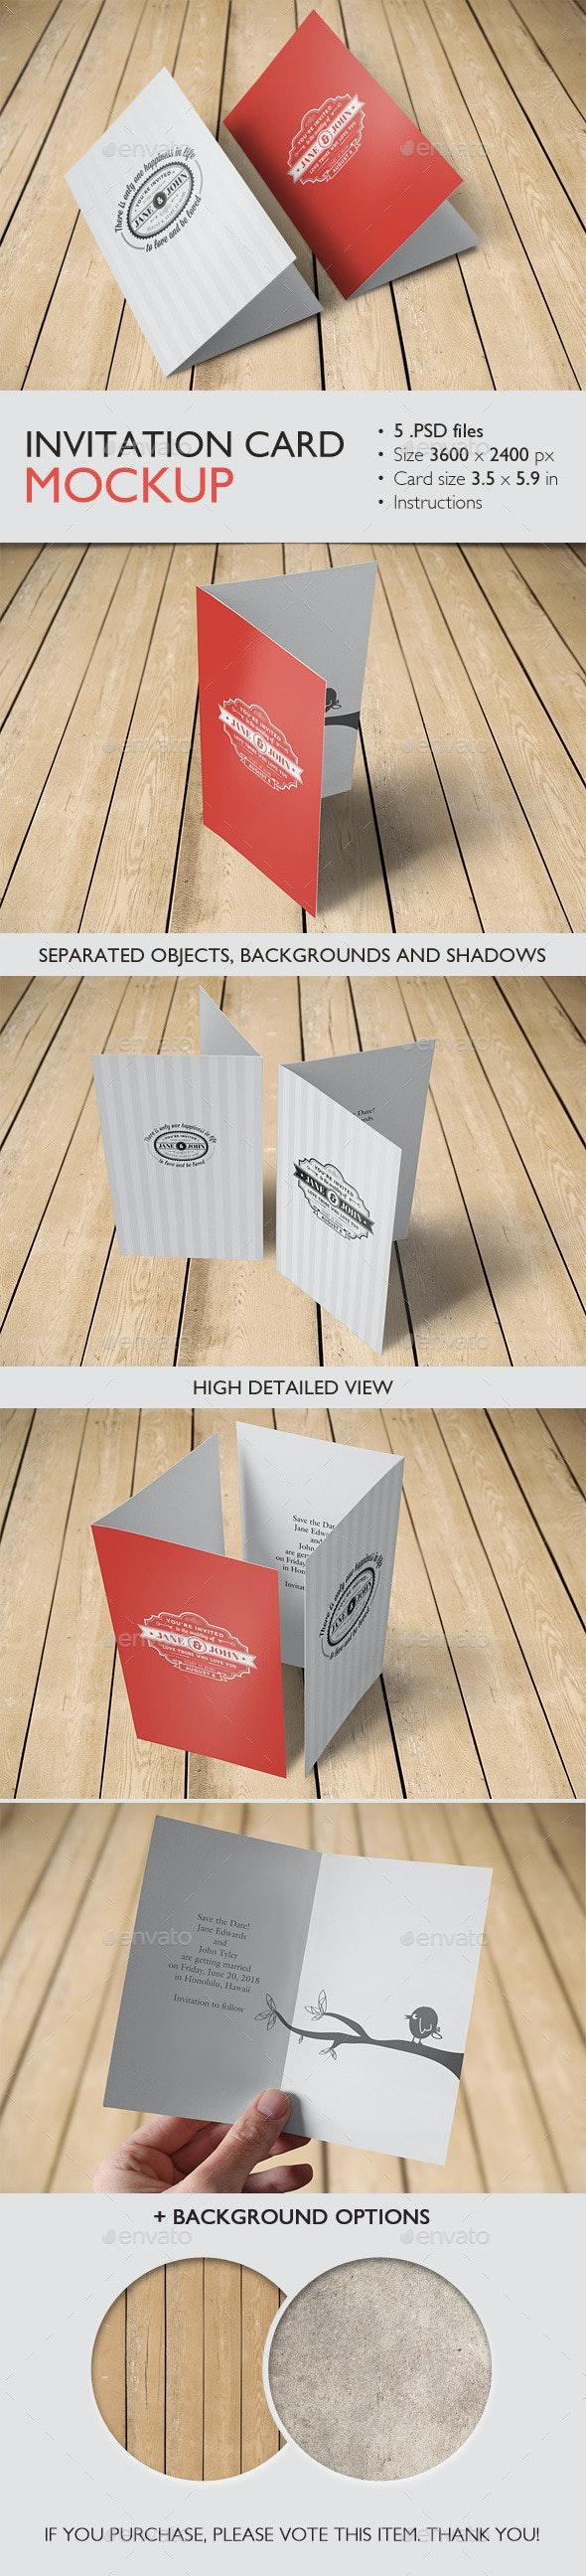 Invitation Card Mockup By Grapulo Graphicriver